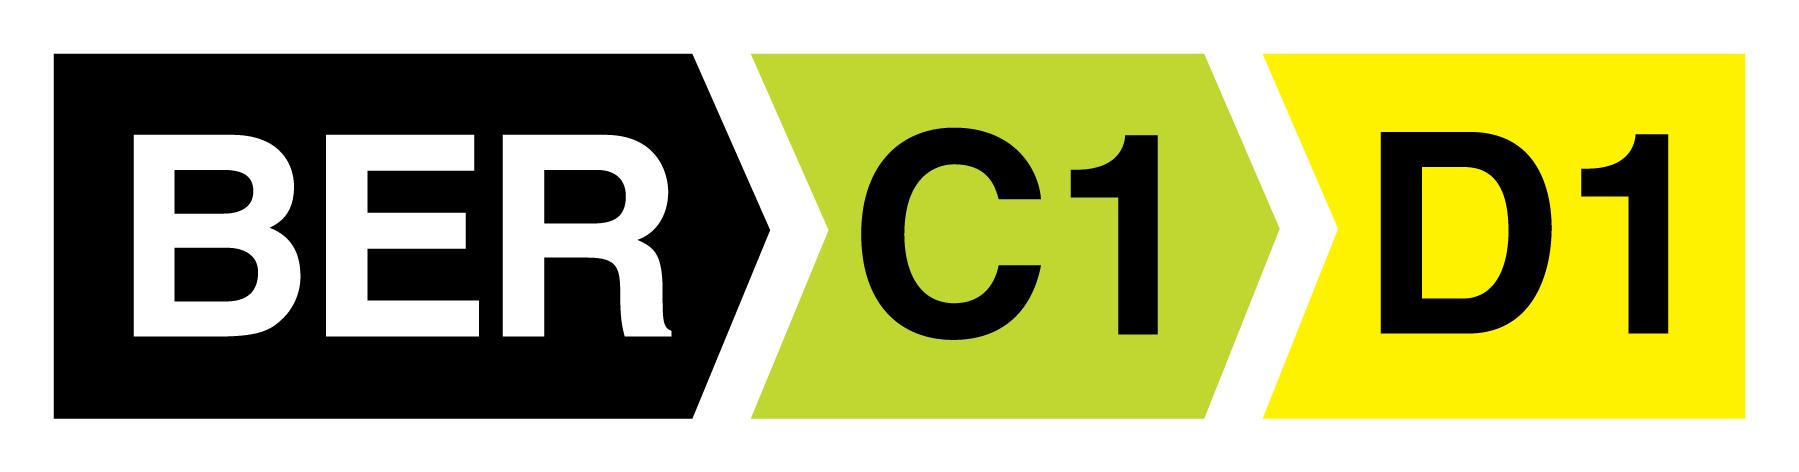 C1 > D1